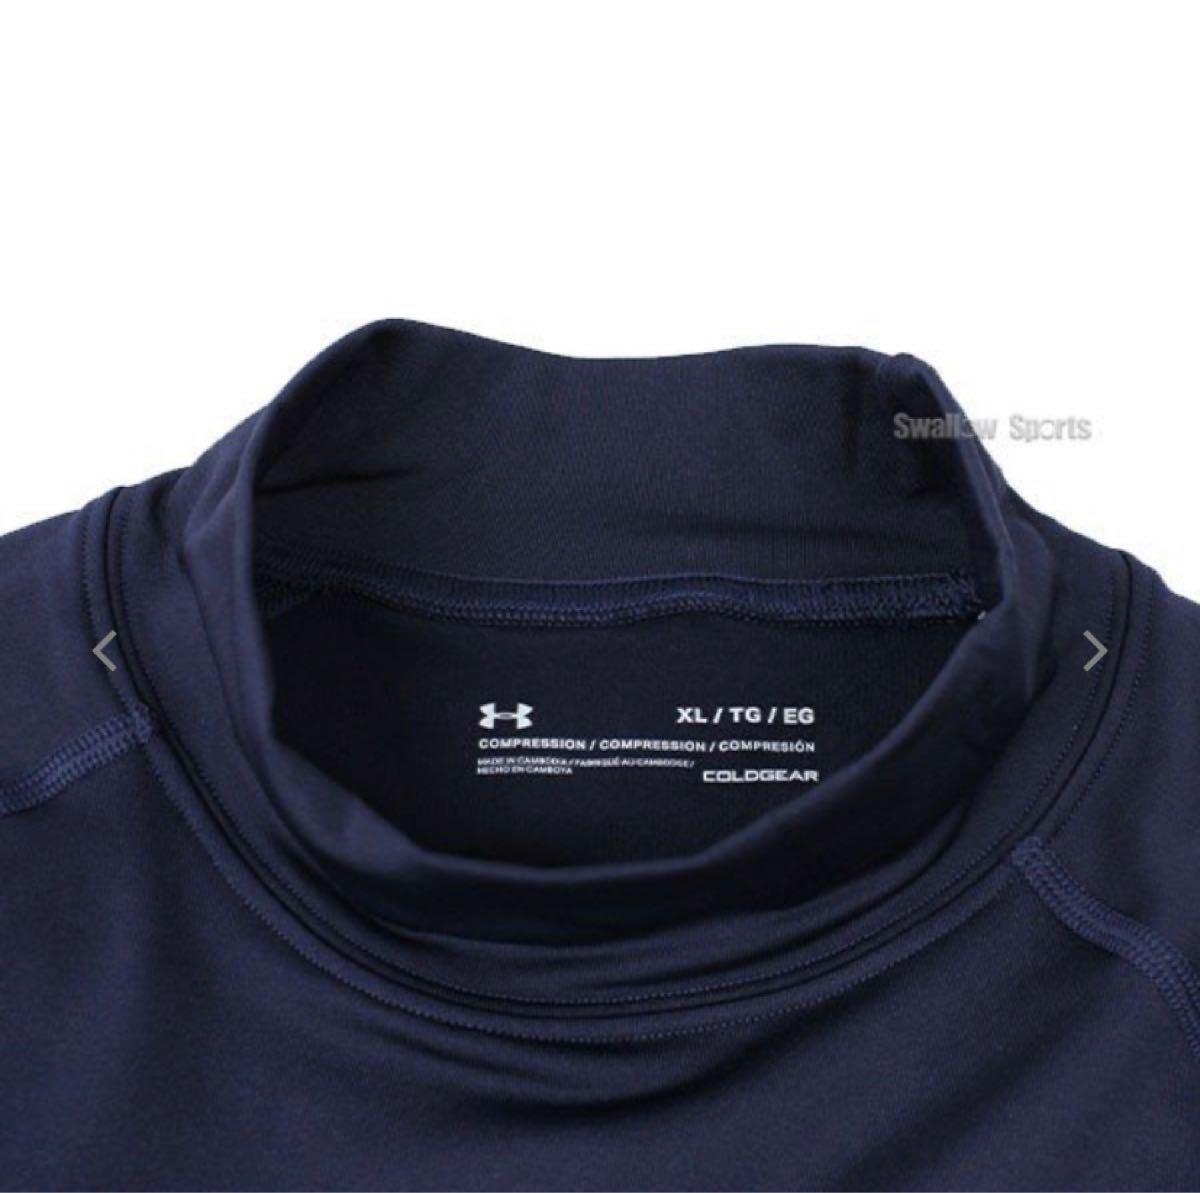 アンダーアーマー アンダーシャツ 週末限定値下げ